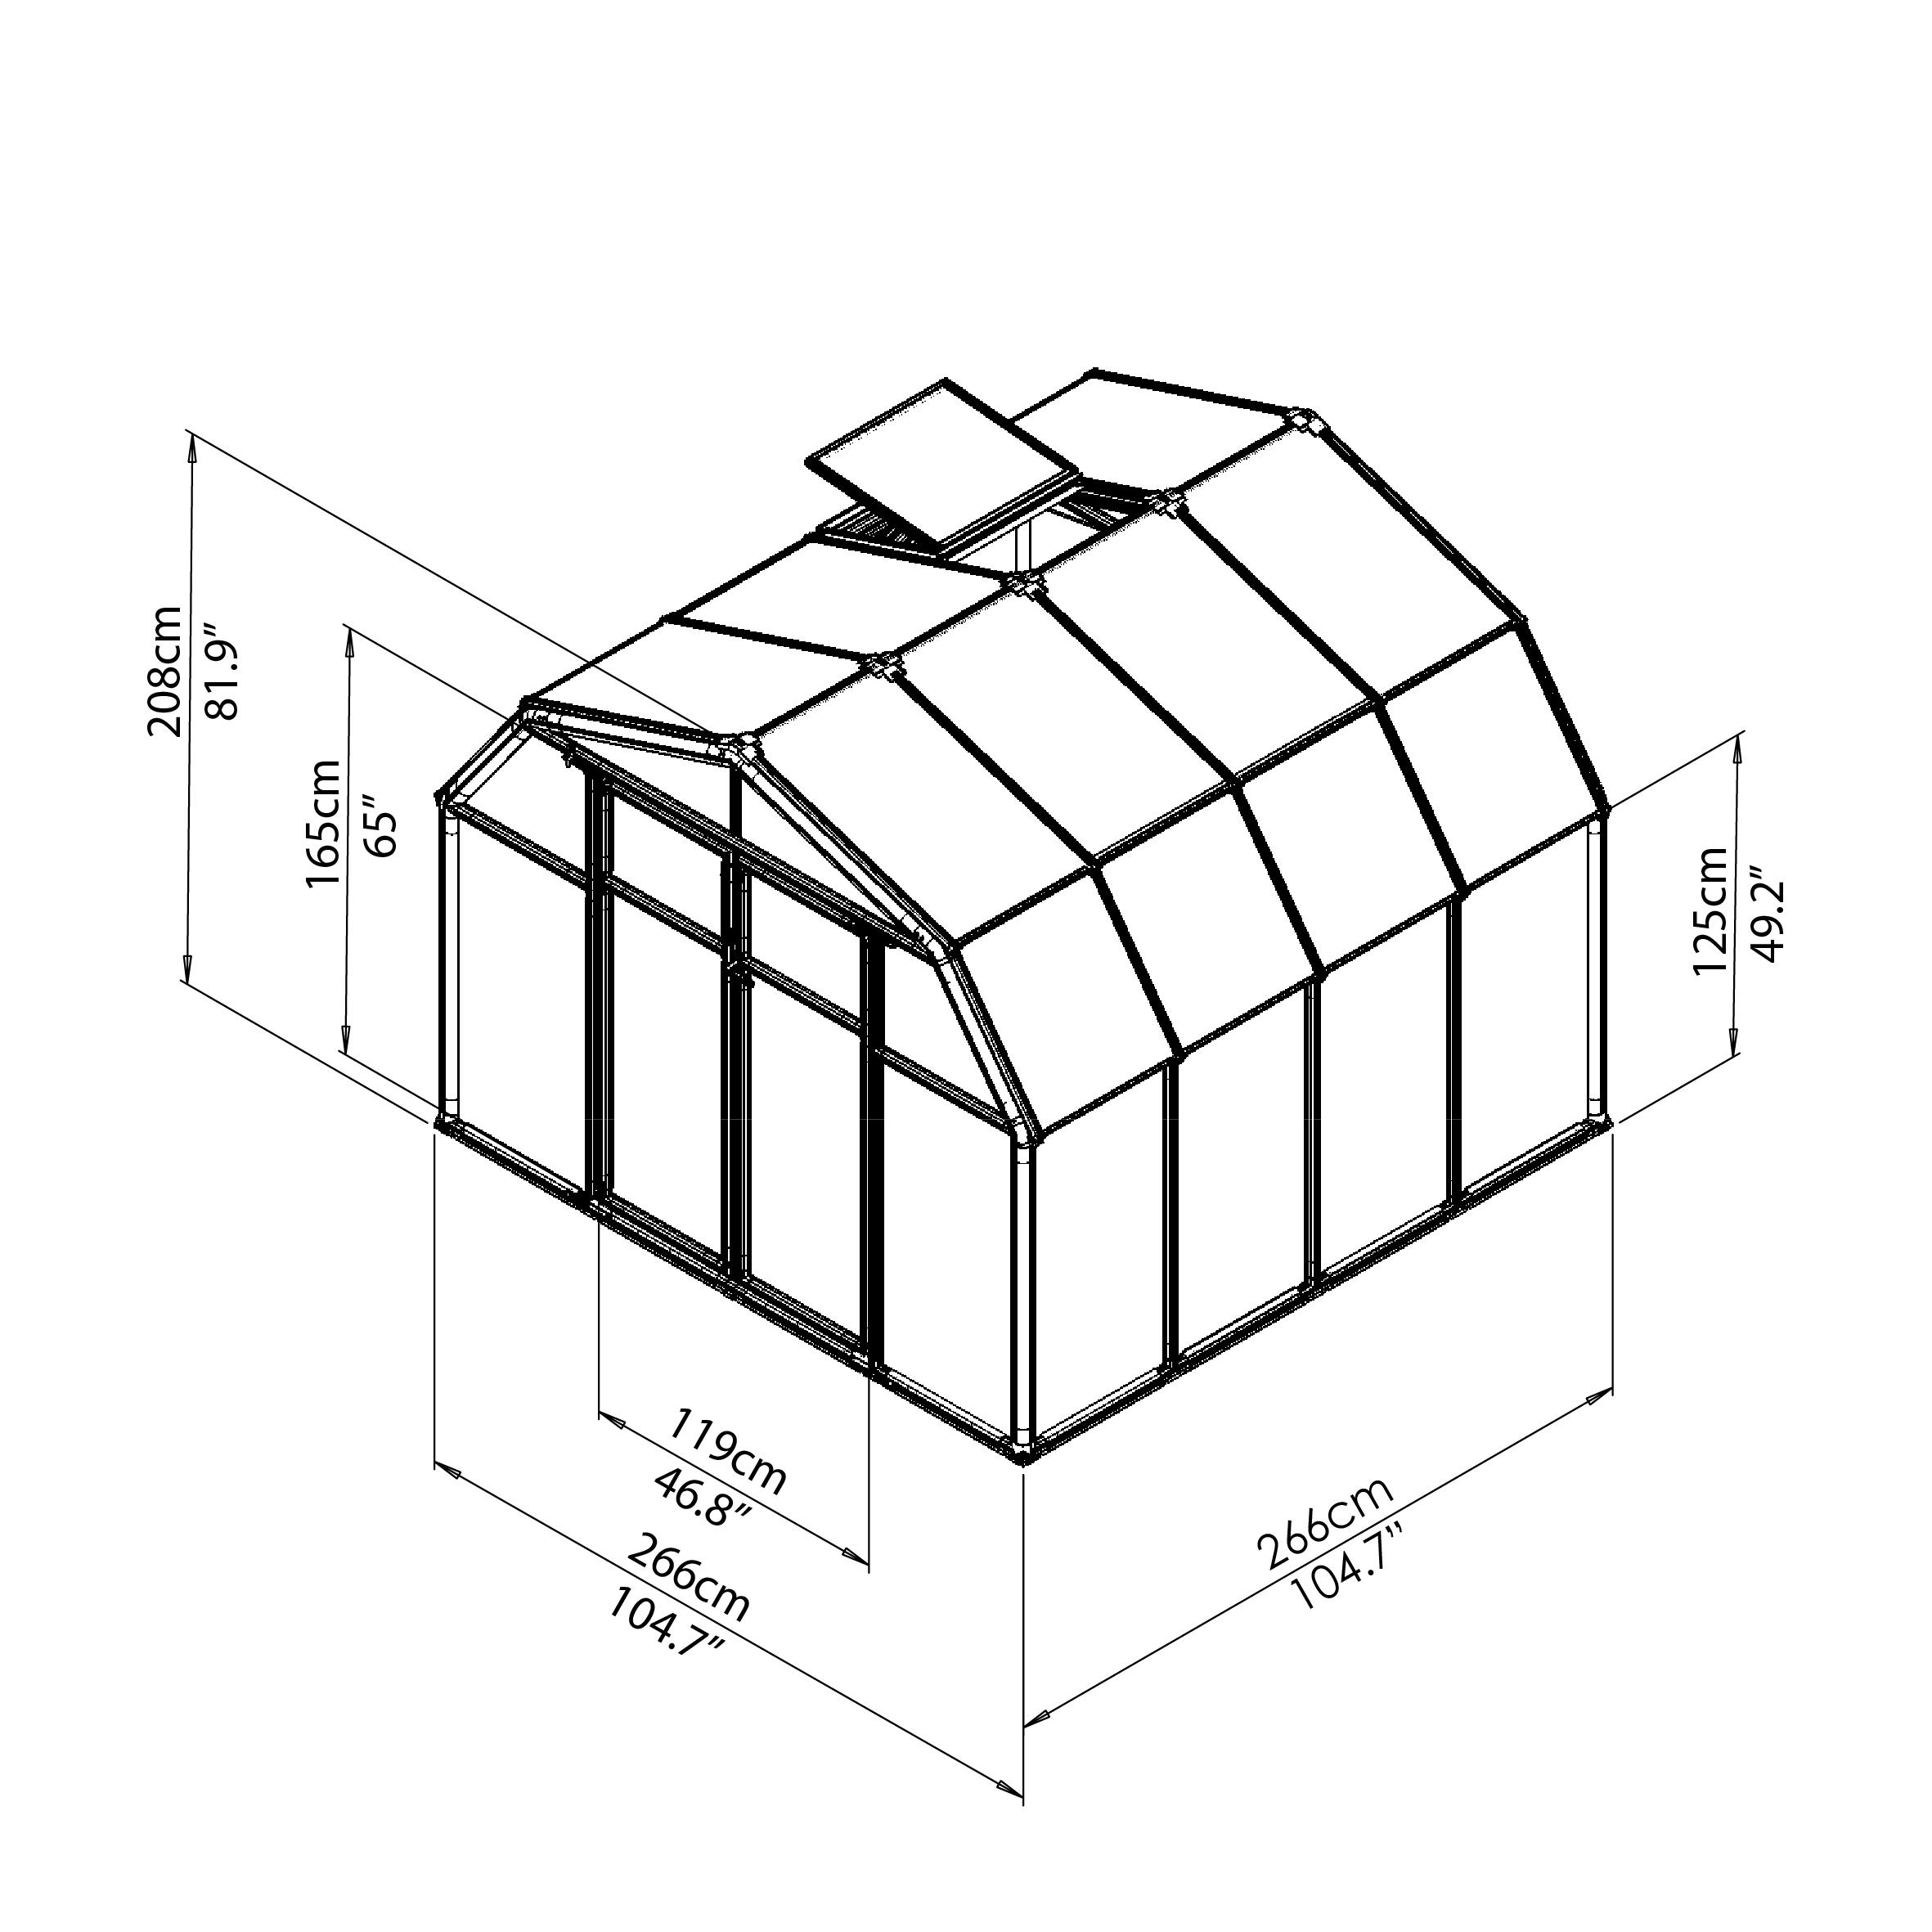 rion-greenhouses-hobbygardener-8x8-drawing-isoview.jpg